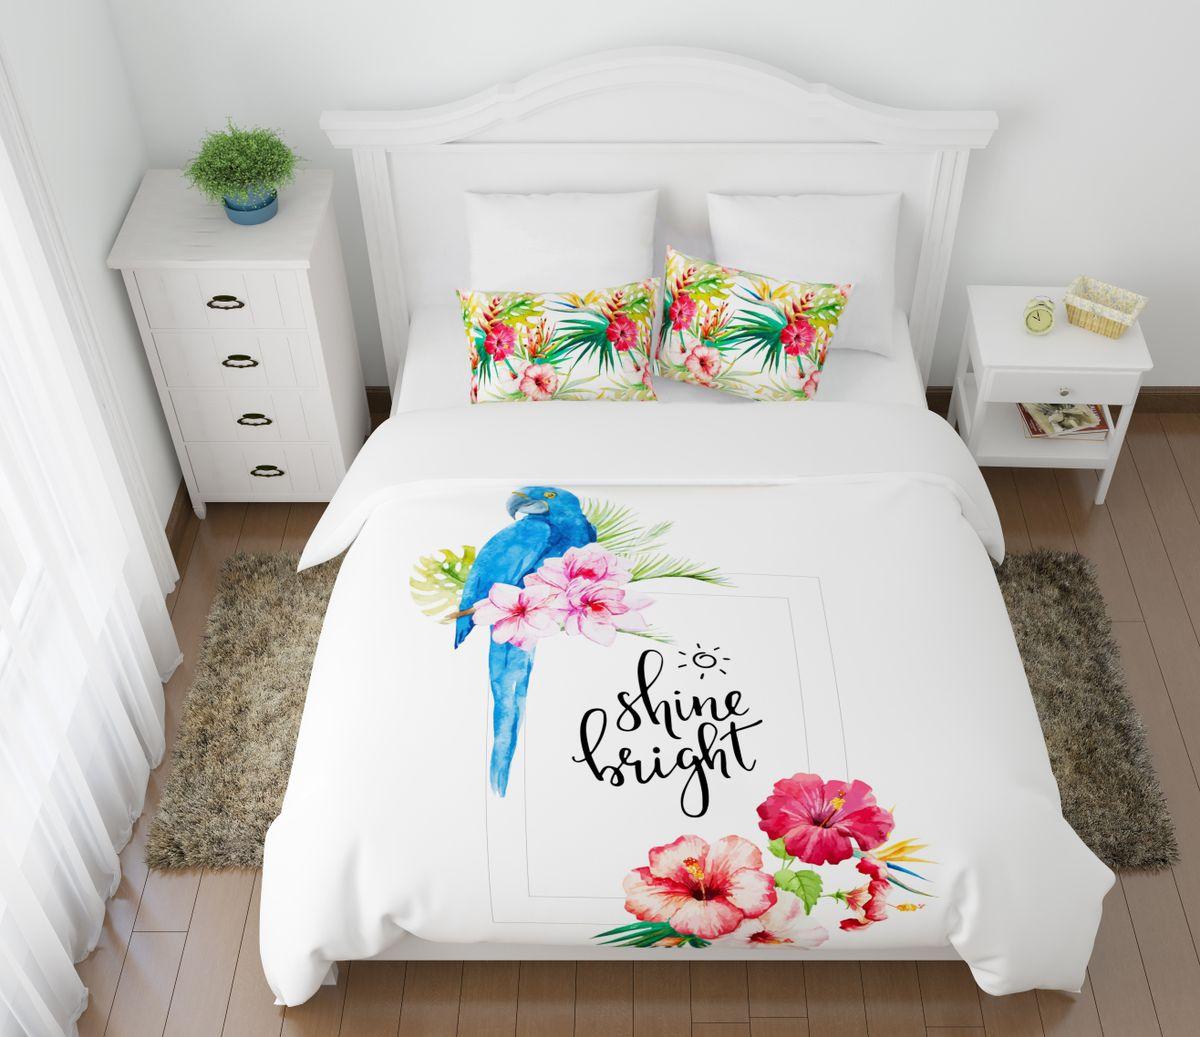 Комплект белья Сирень Голубой попугай, 1,5-спальный, наволочки 50x7008665-КПБ-МКомплект постельного белья Сирень состоит из простыни, пододеяльника и 2 наволочек. Комплект выполнен из современных гипоаллергенных материалов. Приятный при прикосновении сатин - гарантия здорового, спокойного сна. Ткань хорошо впитывает влагу, надолго сохраняет яркость красок. Четкий, изящный рисунок в сочетании с насыщенными красками делает комплект постельного белья неповторимой изюминкой любого интерьера. Постельное белье идеально подойдет для подарка.